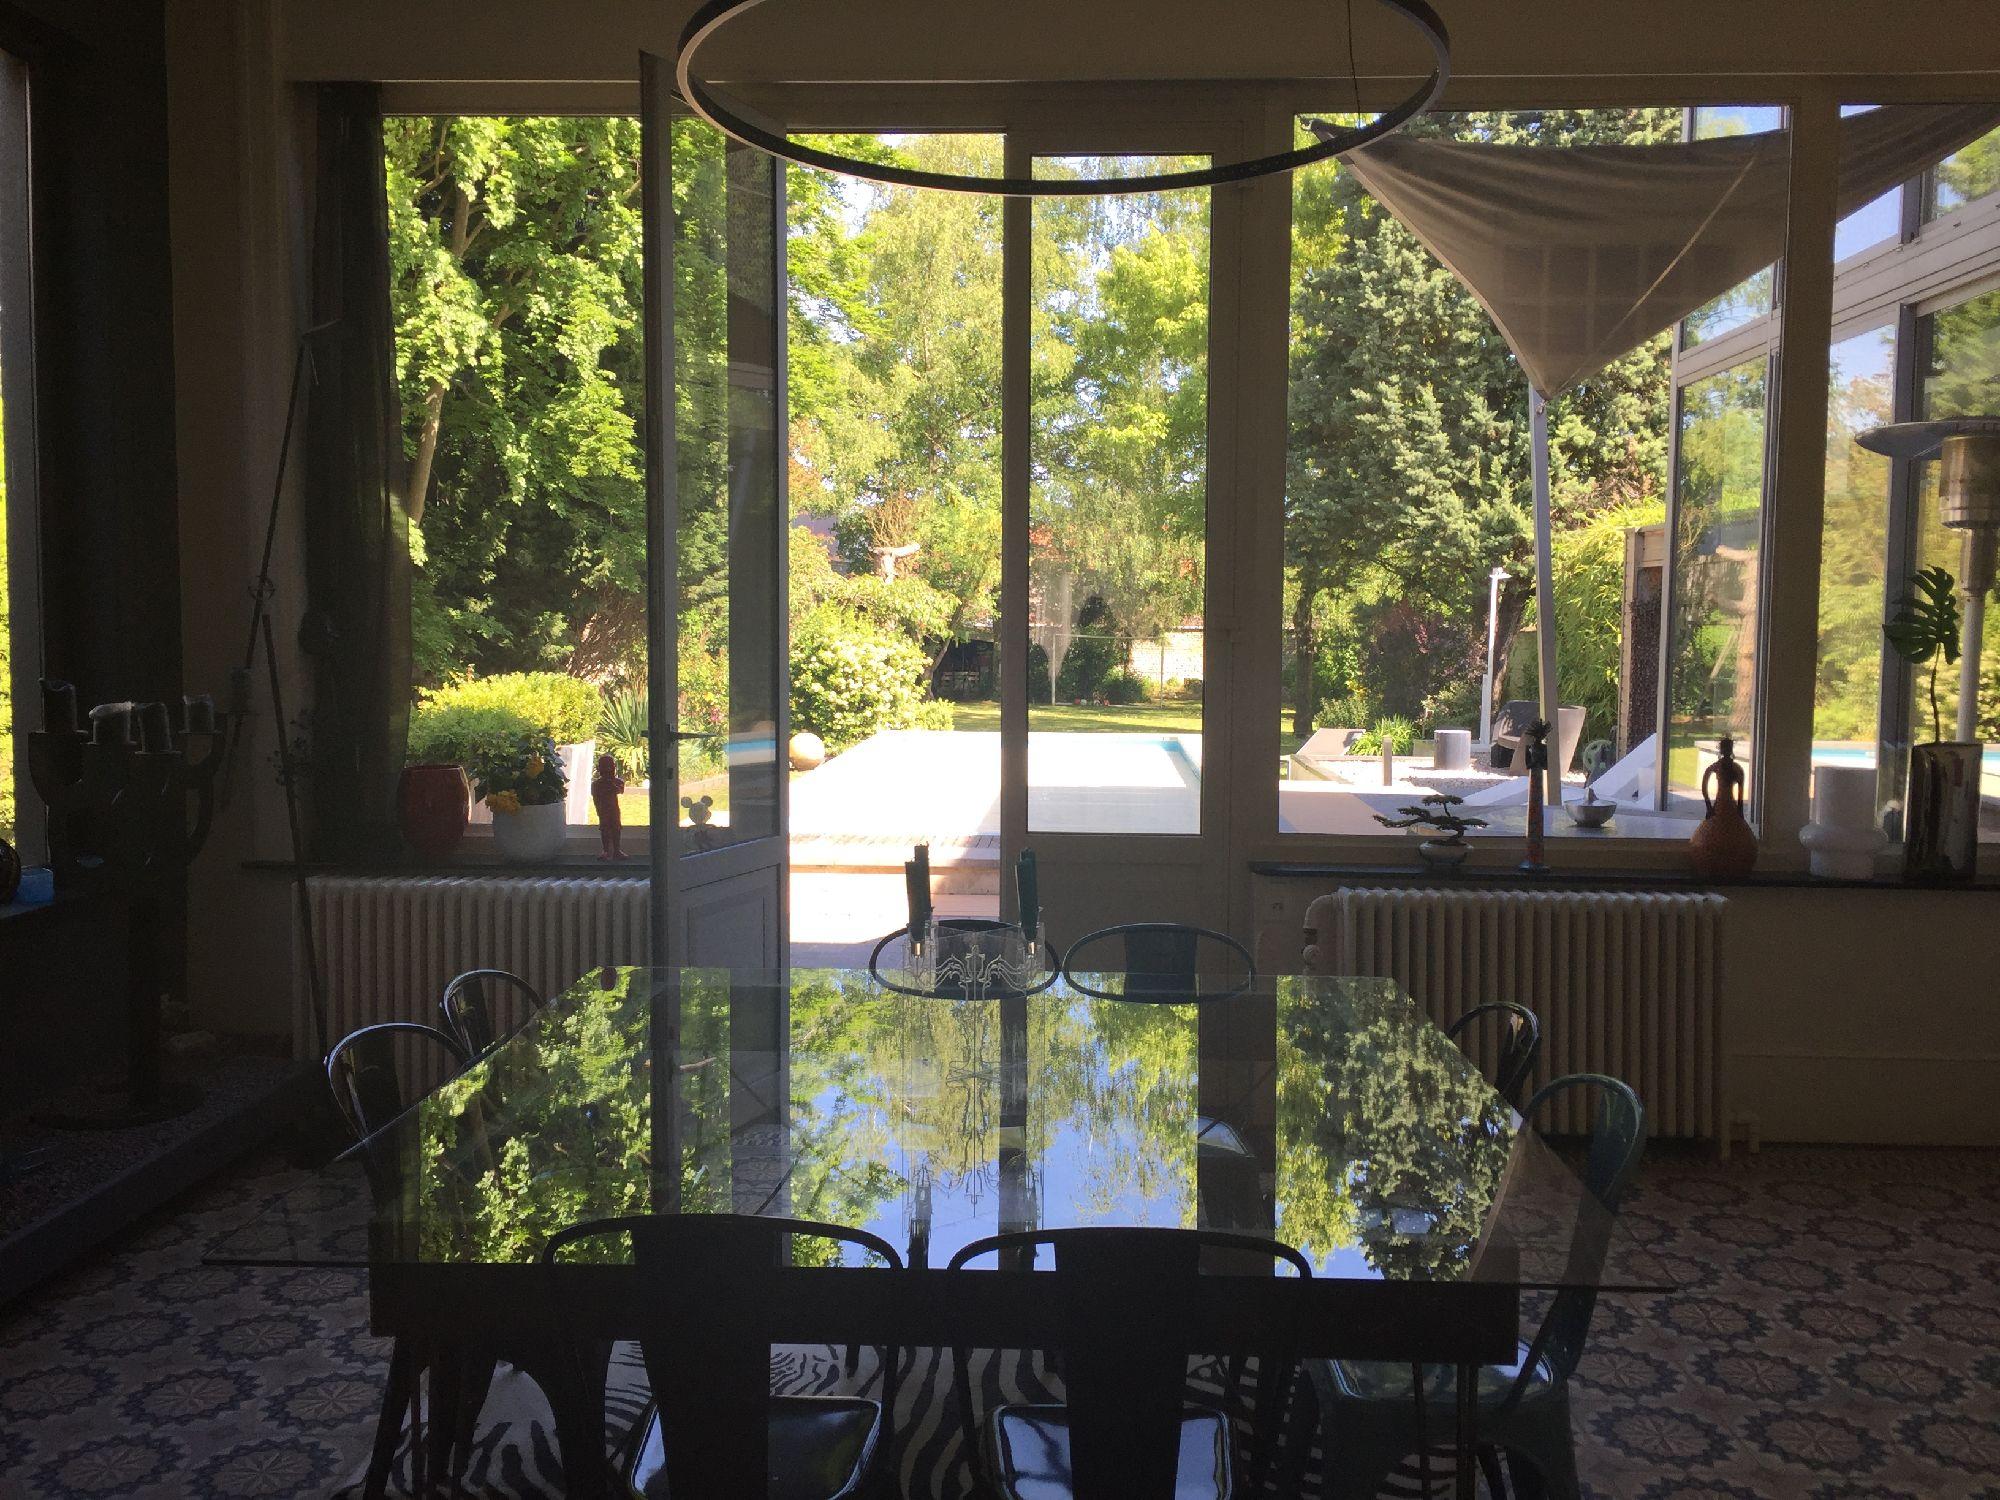 vente maison st amand les eaux prix 585 000 nv. Black Bedroom Furniture Sets. Home Design Ideas